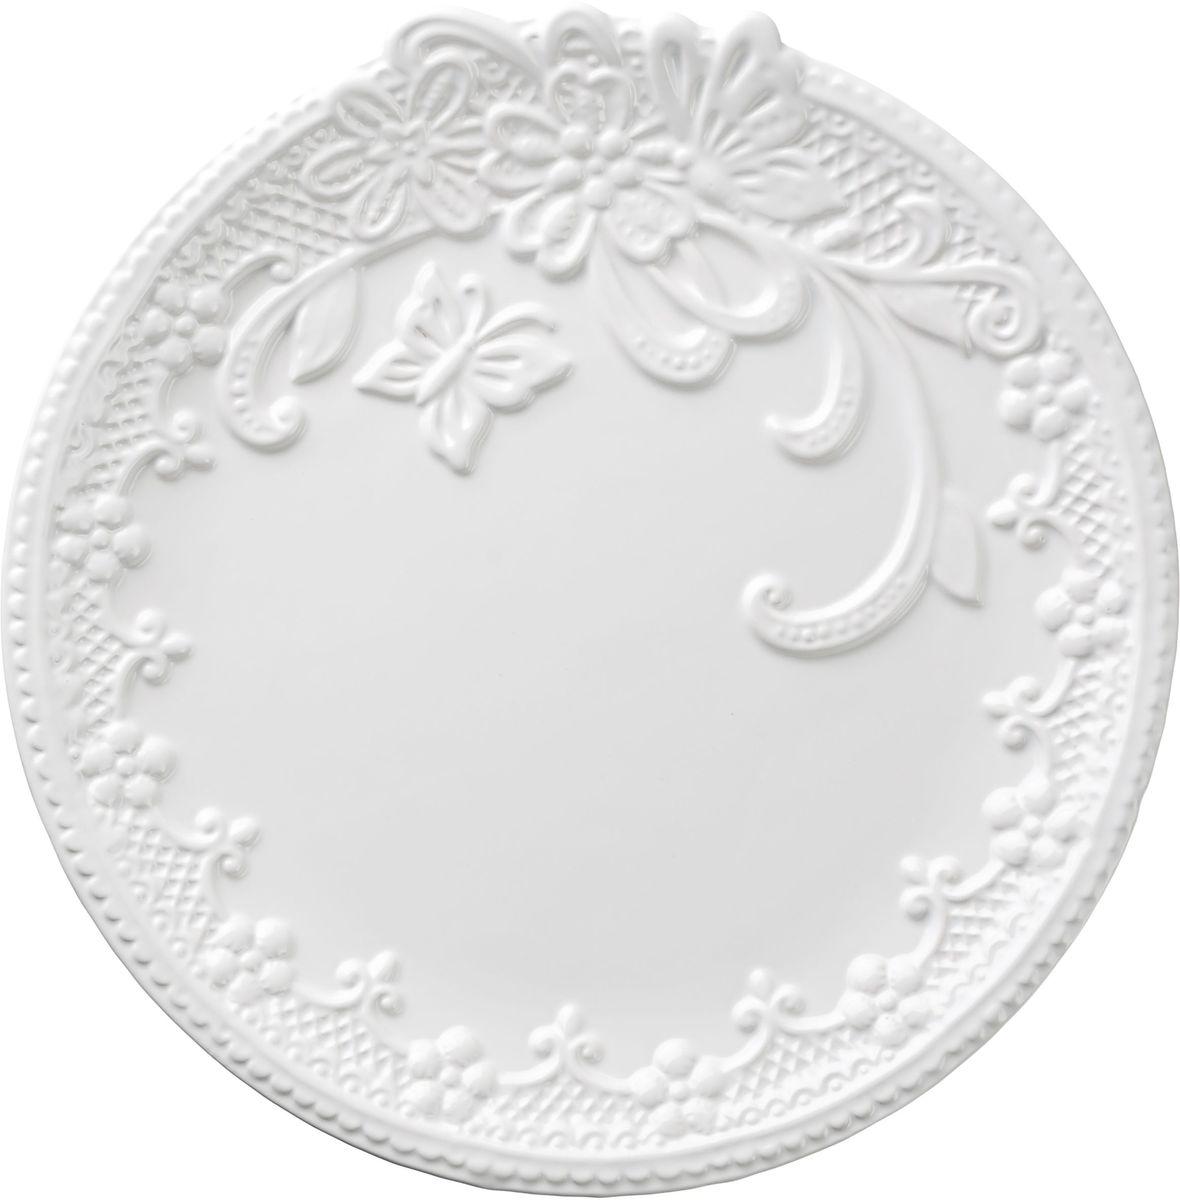 Тарелка Vetta Бабочка, диаметр 26 смVT-1520(SR)Тарелка Бабочка, выполненная из высококачественной керамики белого цвета, украшена рельефным рисунком в виде узоров, бабочек и цветов. Такая тарелка прекрасно подойдет как для торжественных случаев, так и для повседневного использования. Идеальна для подачи вторых блюд. Тарелка Бабочка прекрасно оформит стол и станет отличным дополнением к вашей коллекции кухонной посуды.